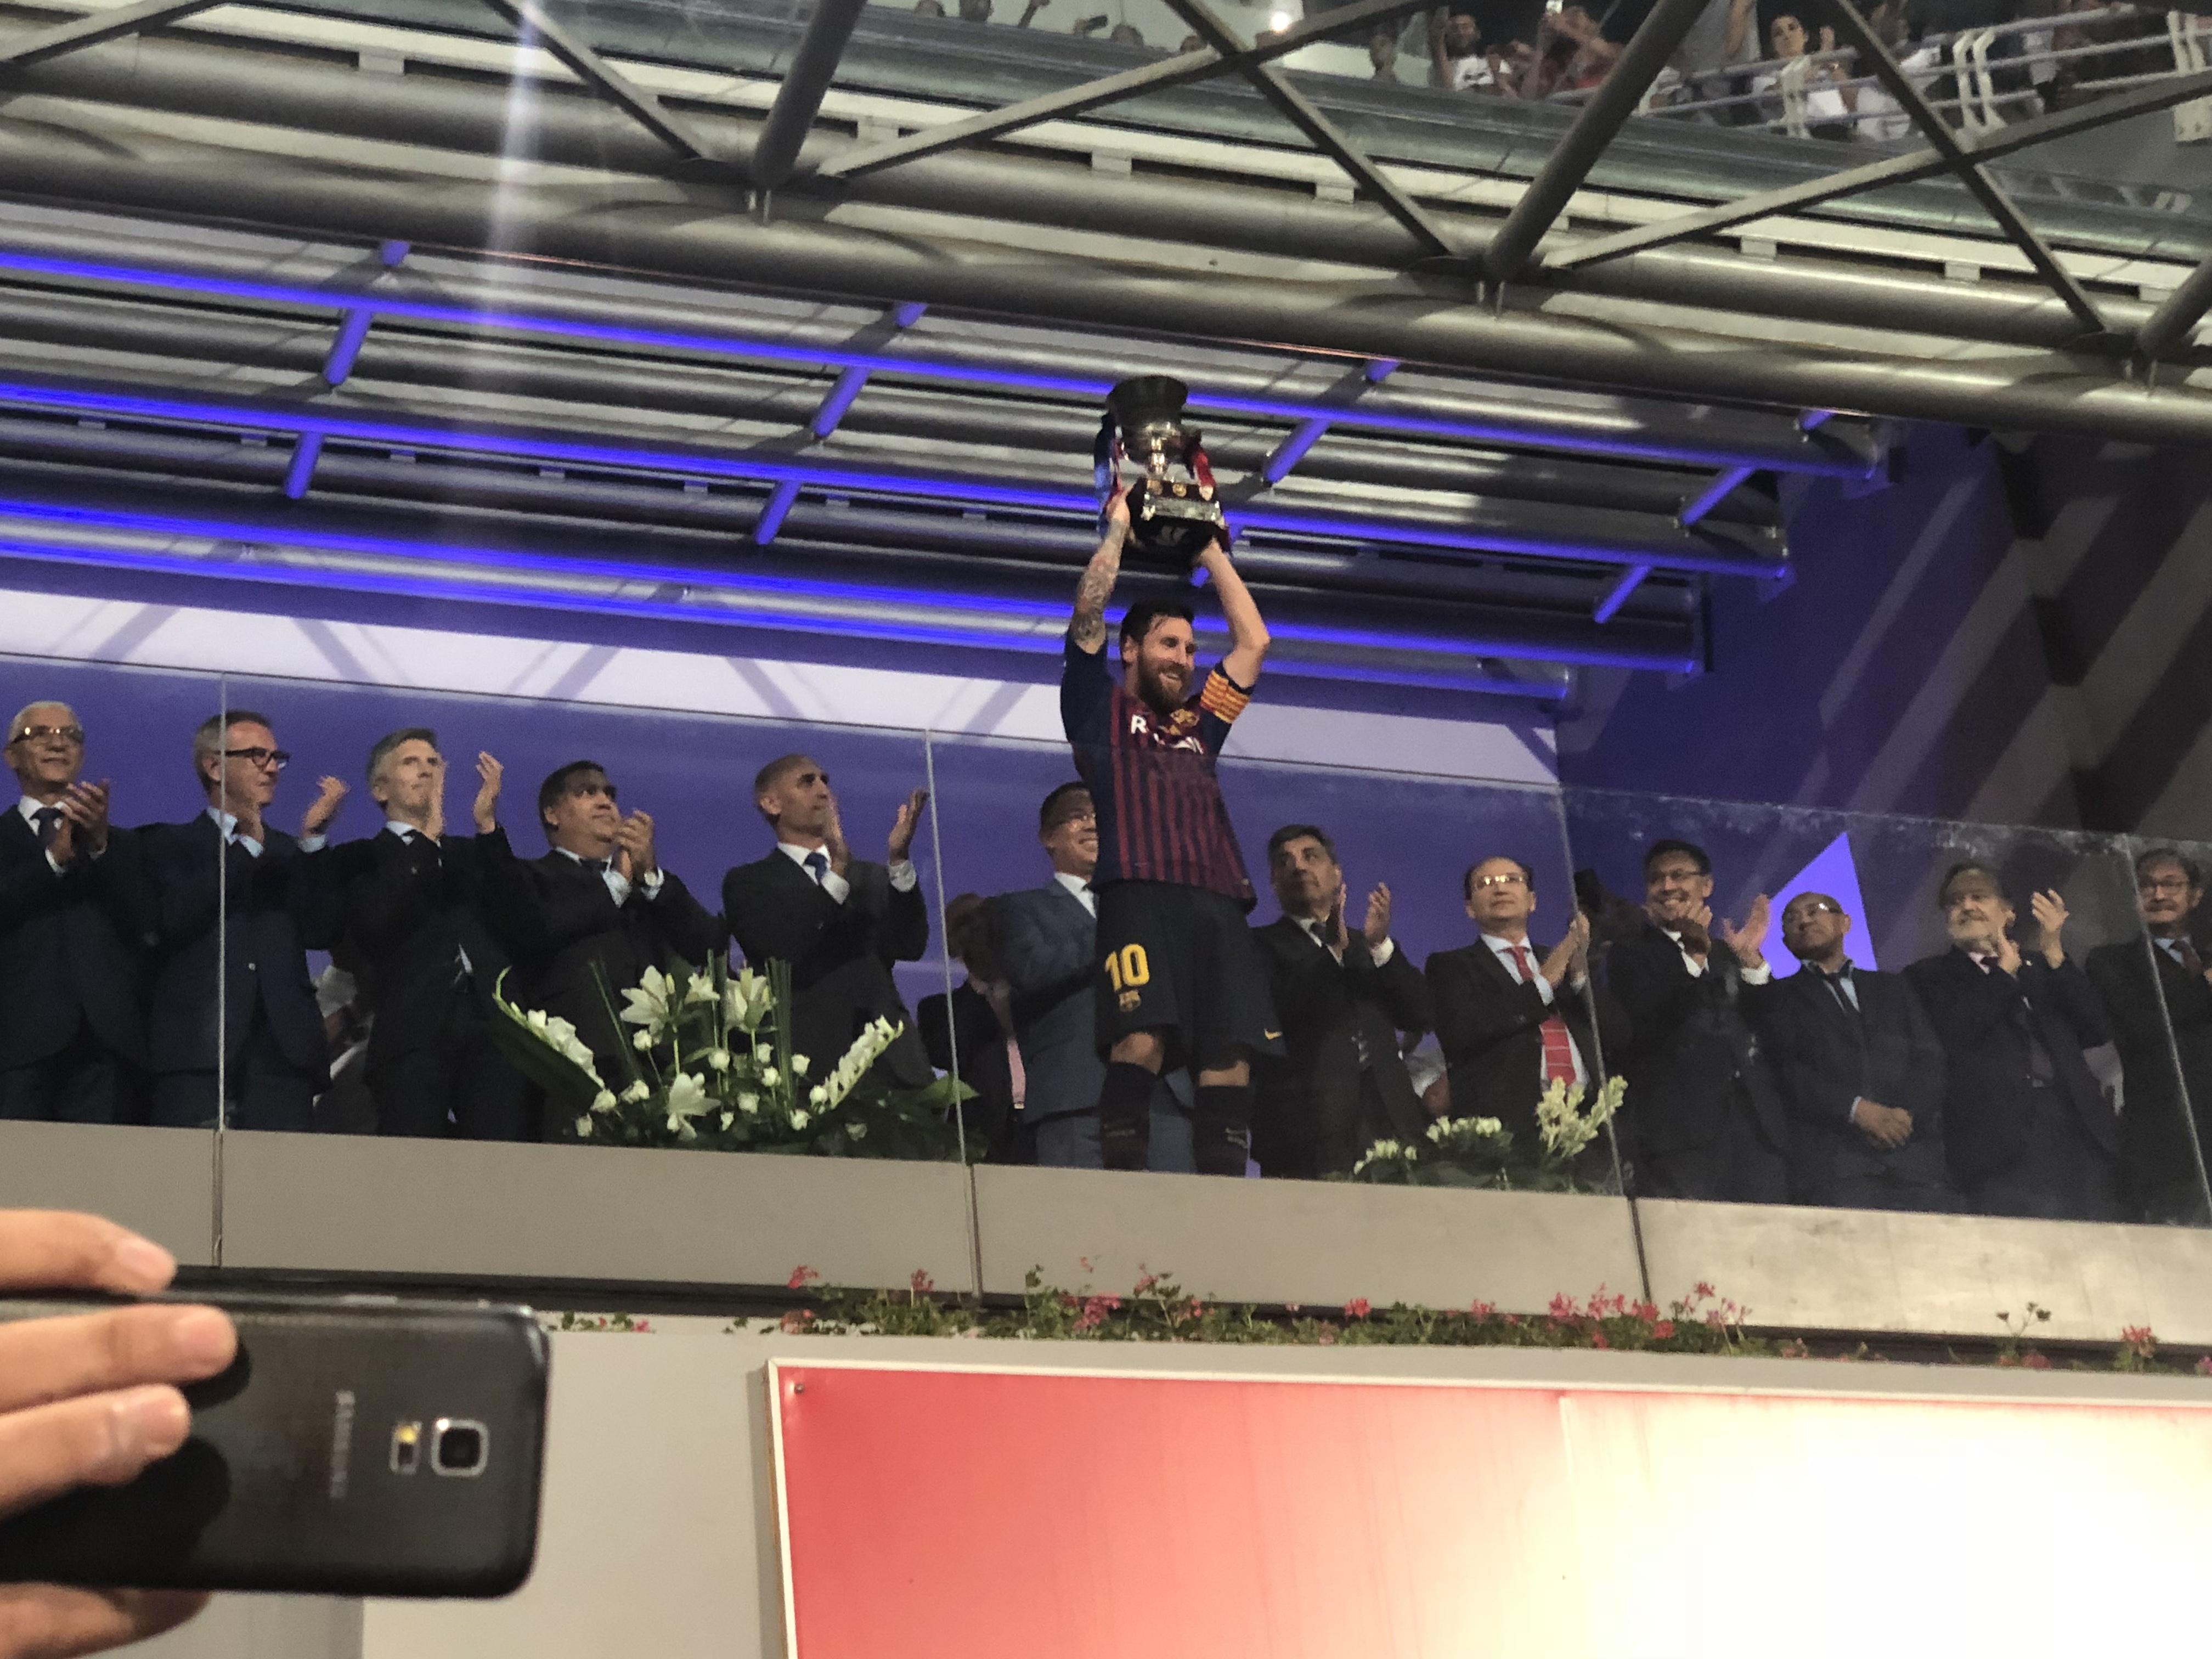 برشلونة يُتوج بكأس السوبر الإسباني على حساب إشبيلية في مباراة تاريخية بطنجة